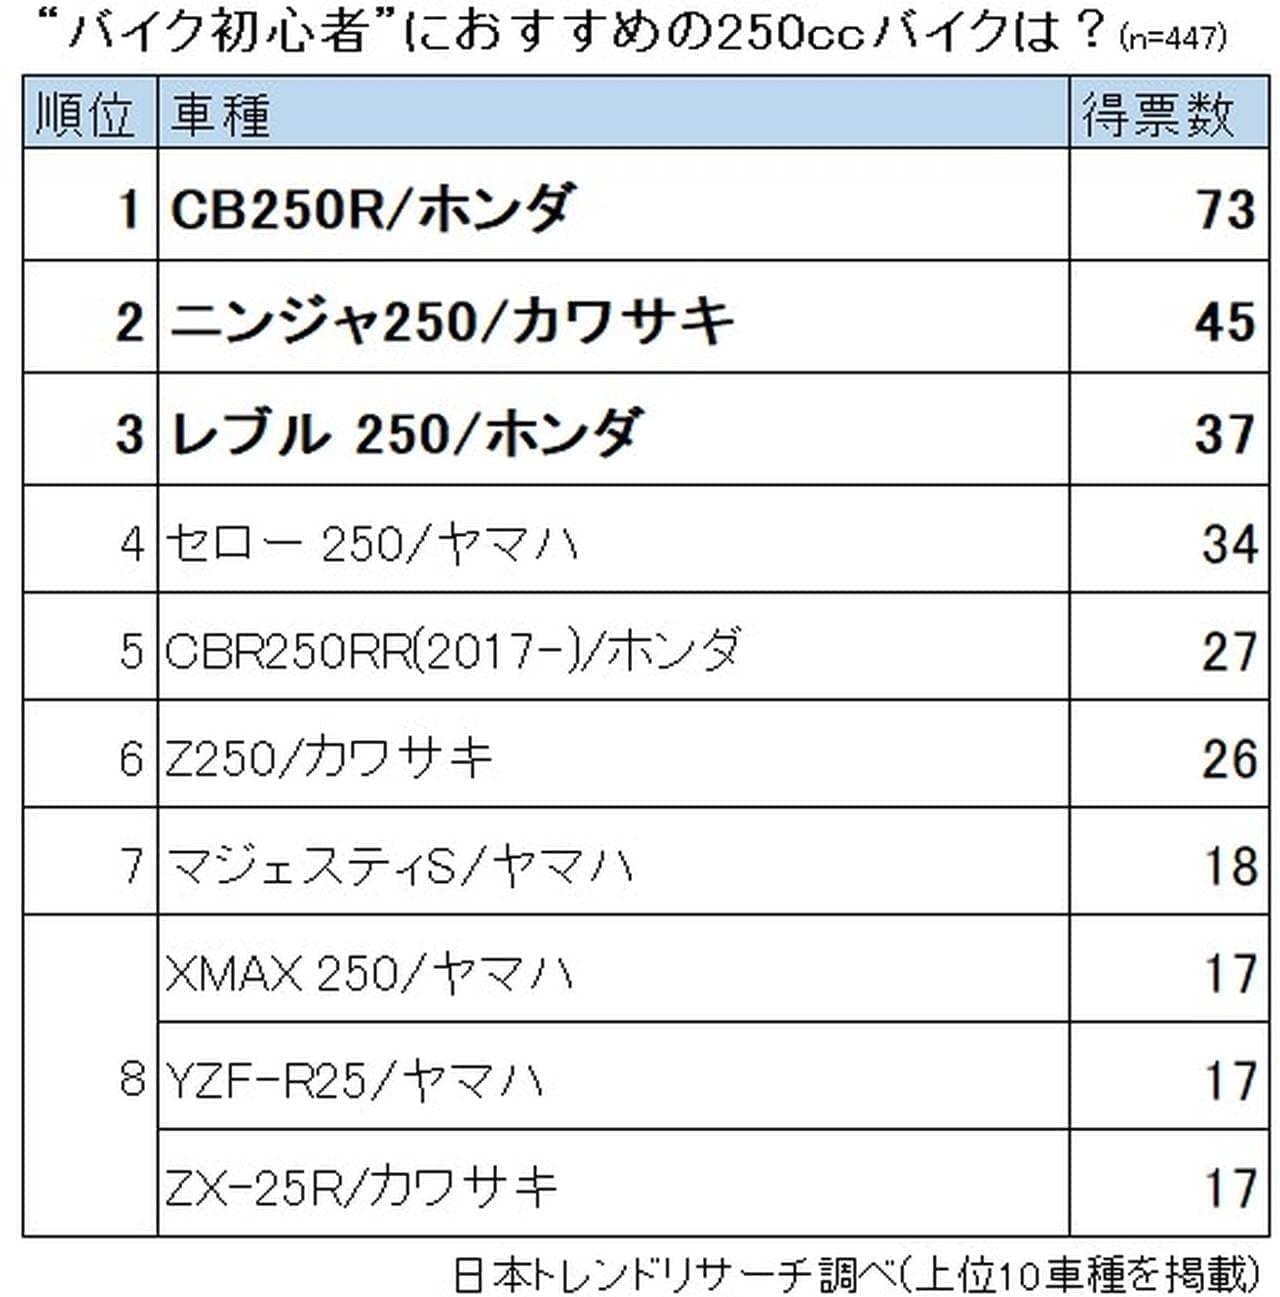 初心者におススメ!250ccバイクランキング 3位はホンダ レブル 2位はカワサキ Ninjaそして1位は?